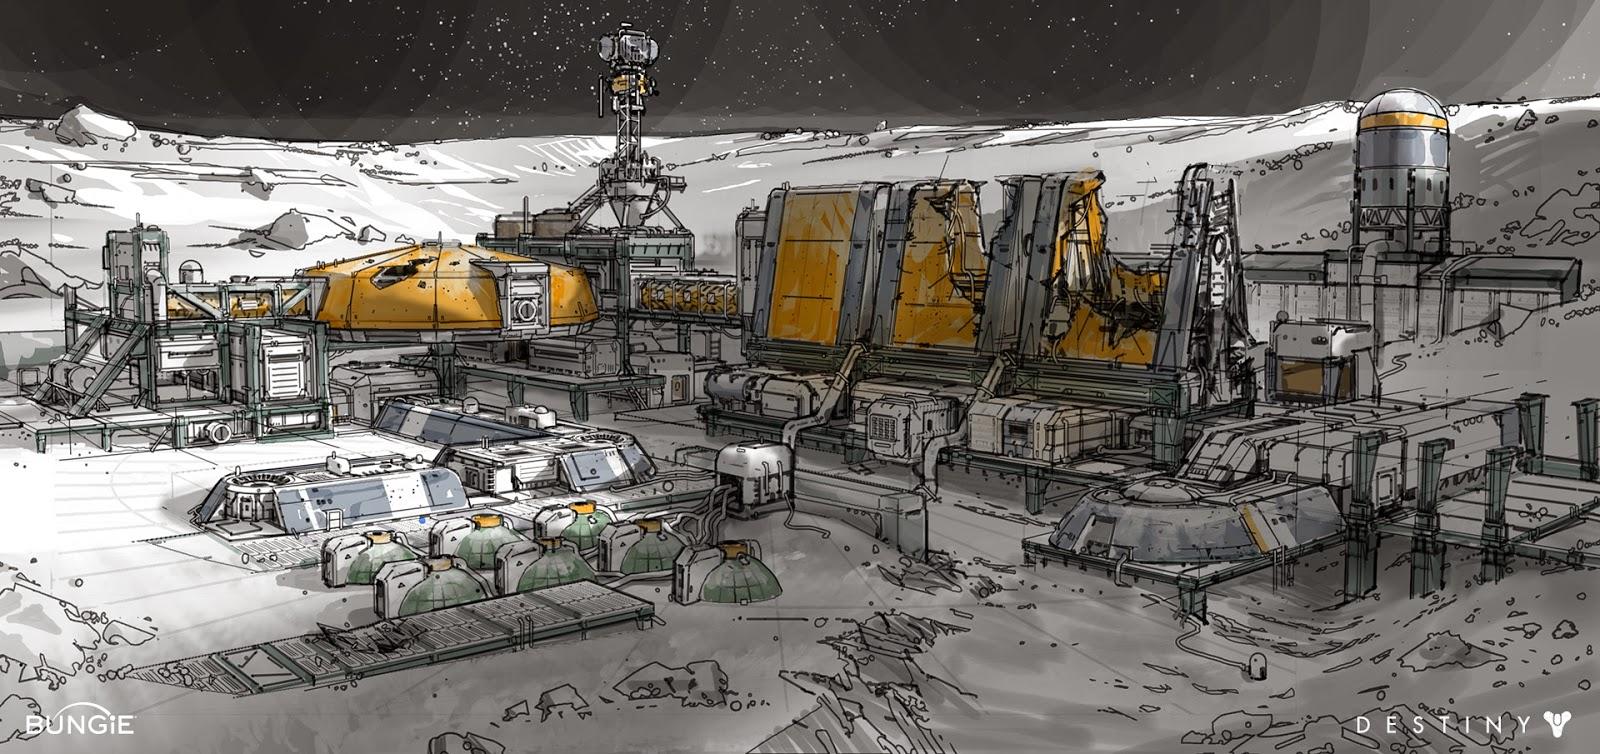 moon base tycoon oil - photo #38